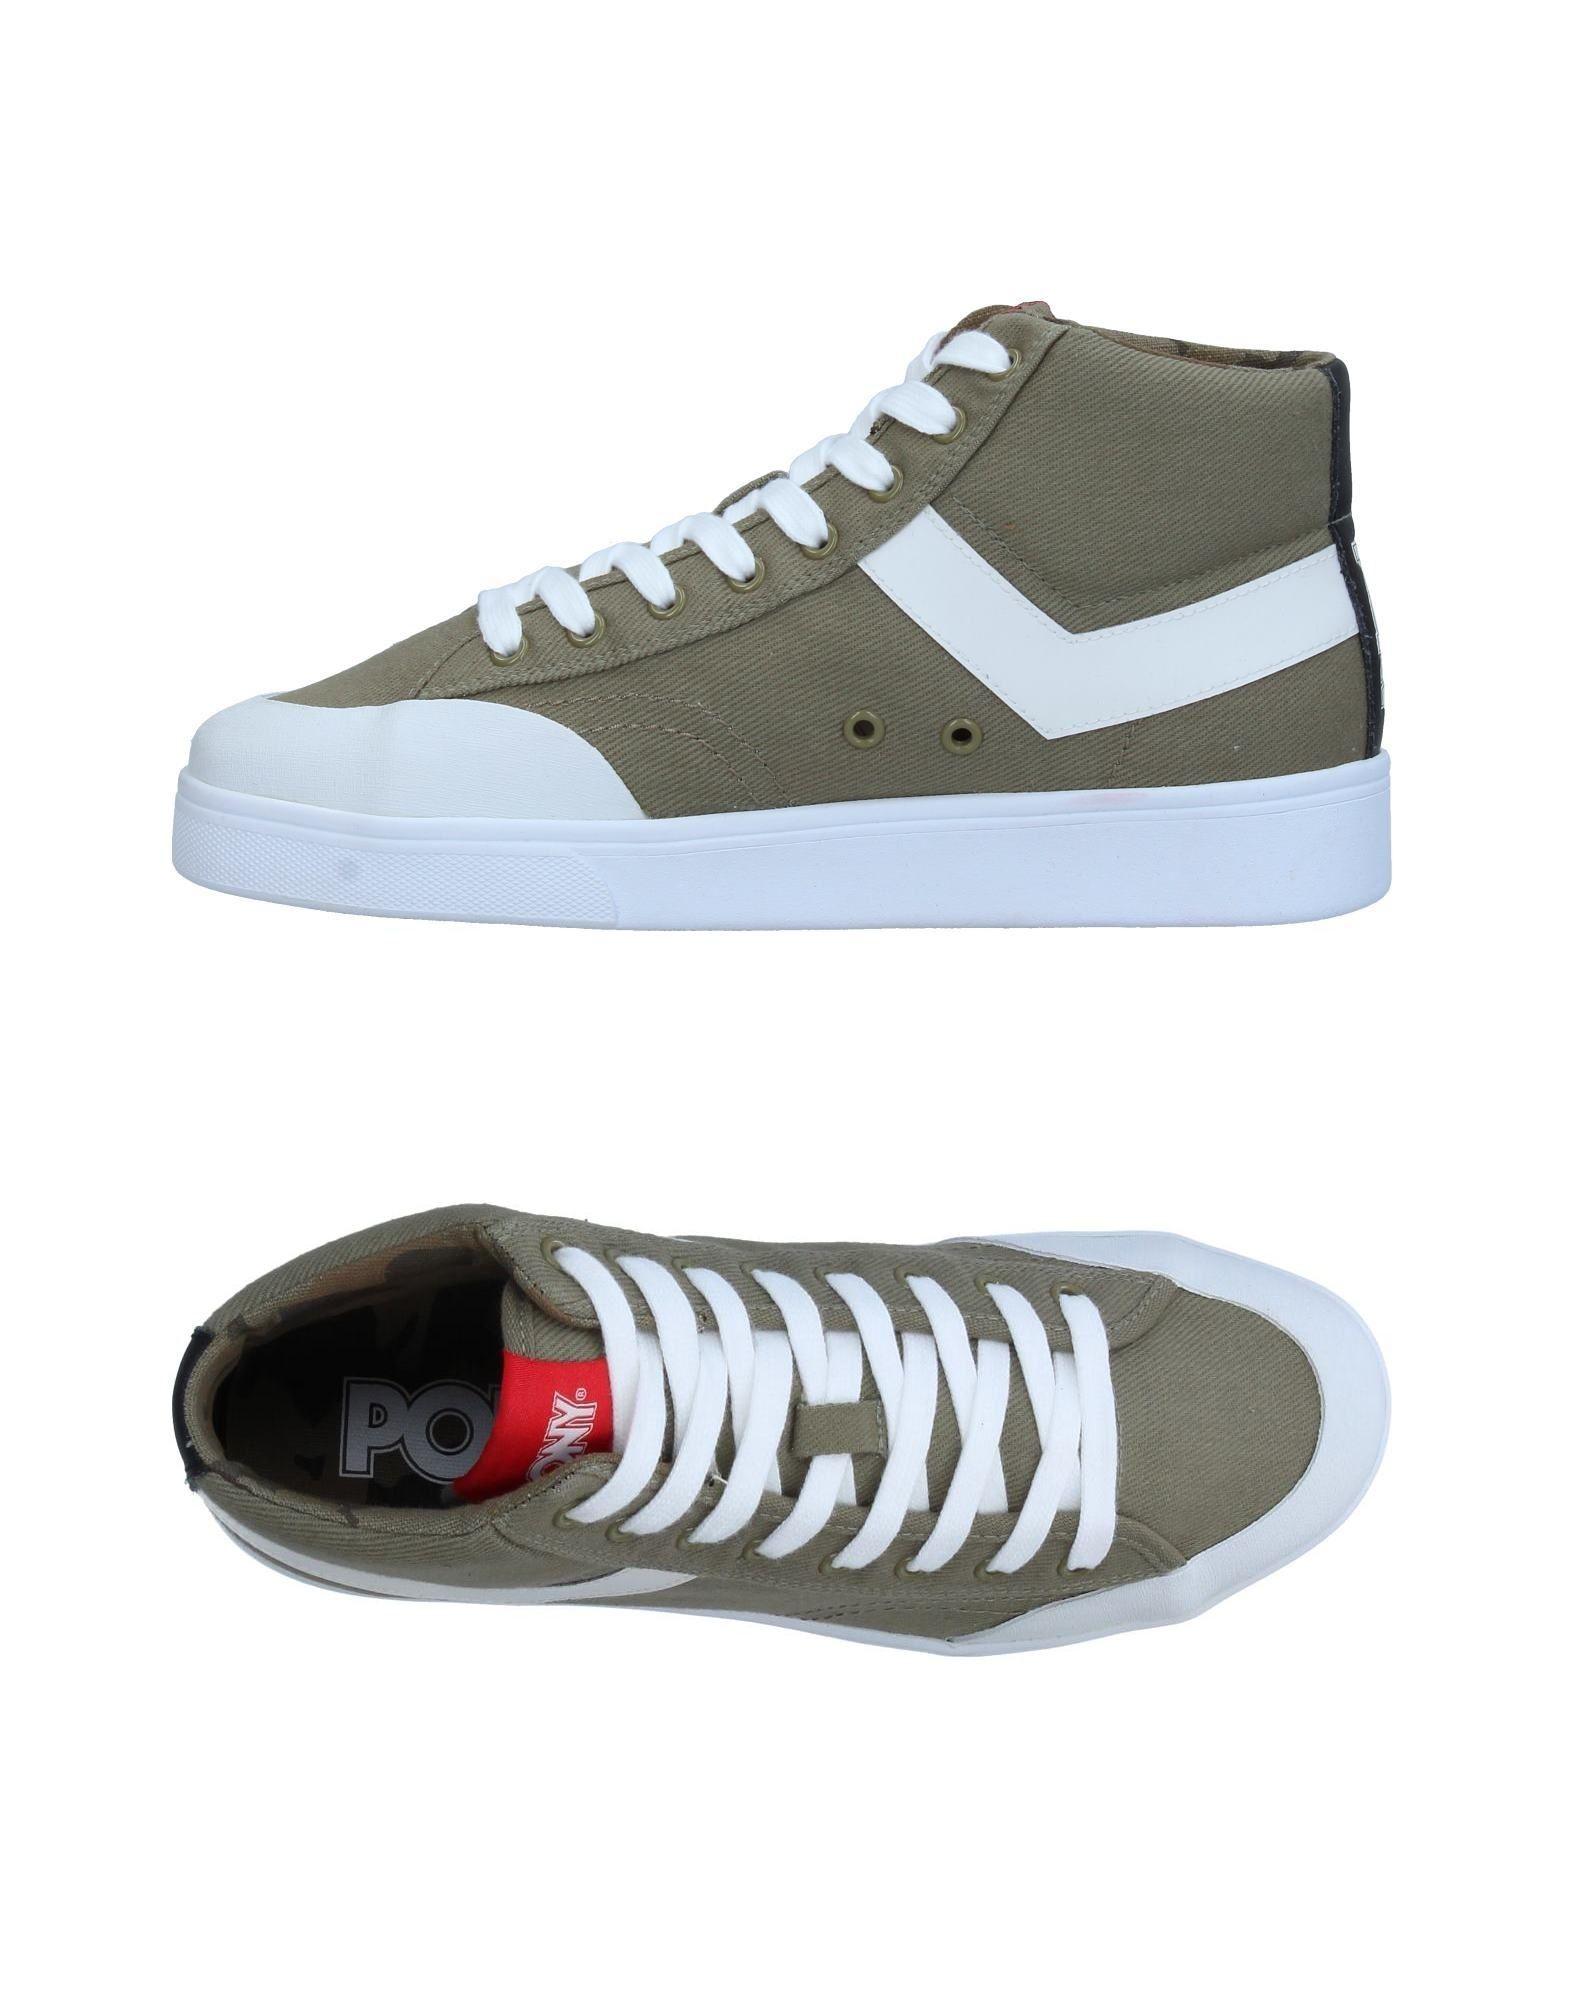 Rabatt echte Schuhe Pony Sneakers Herren  11340326WV